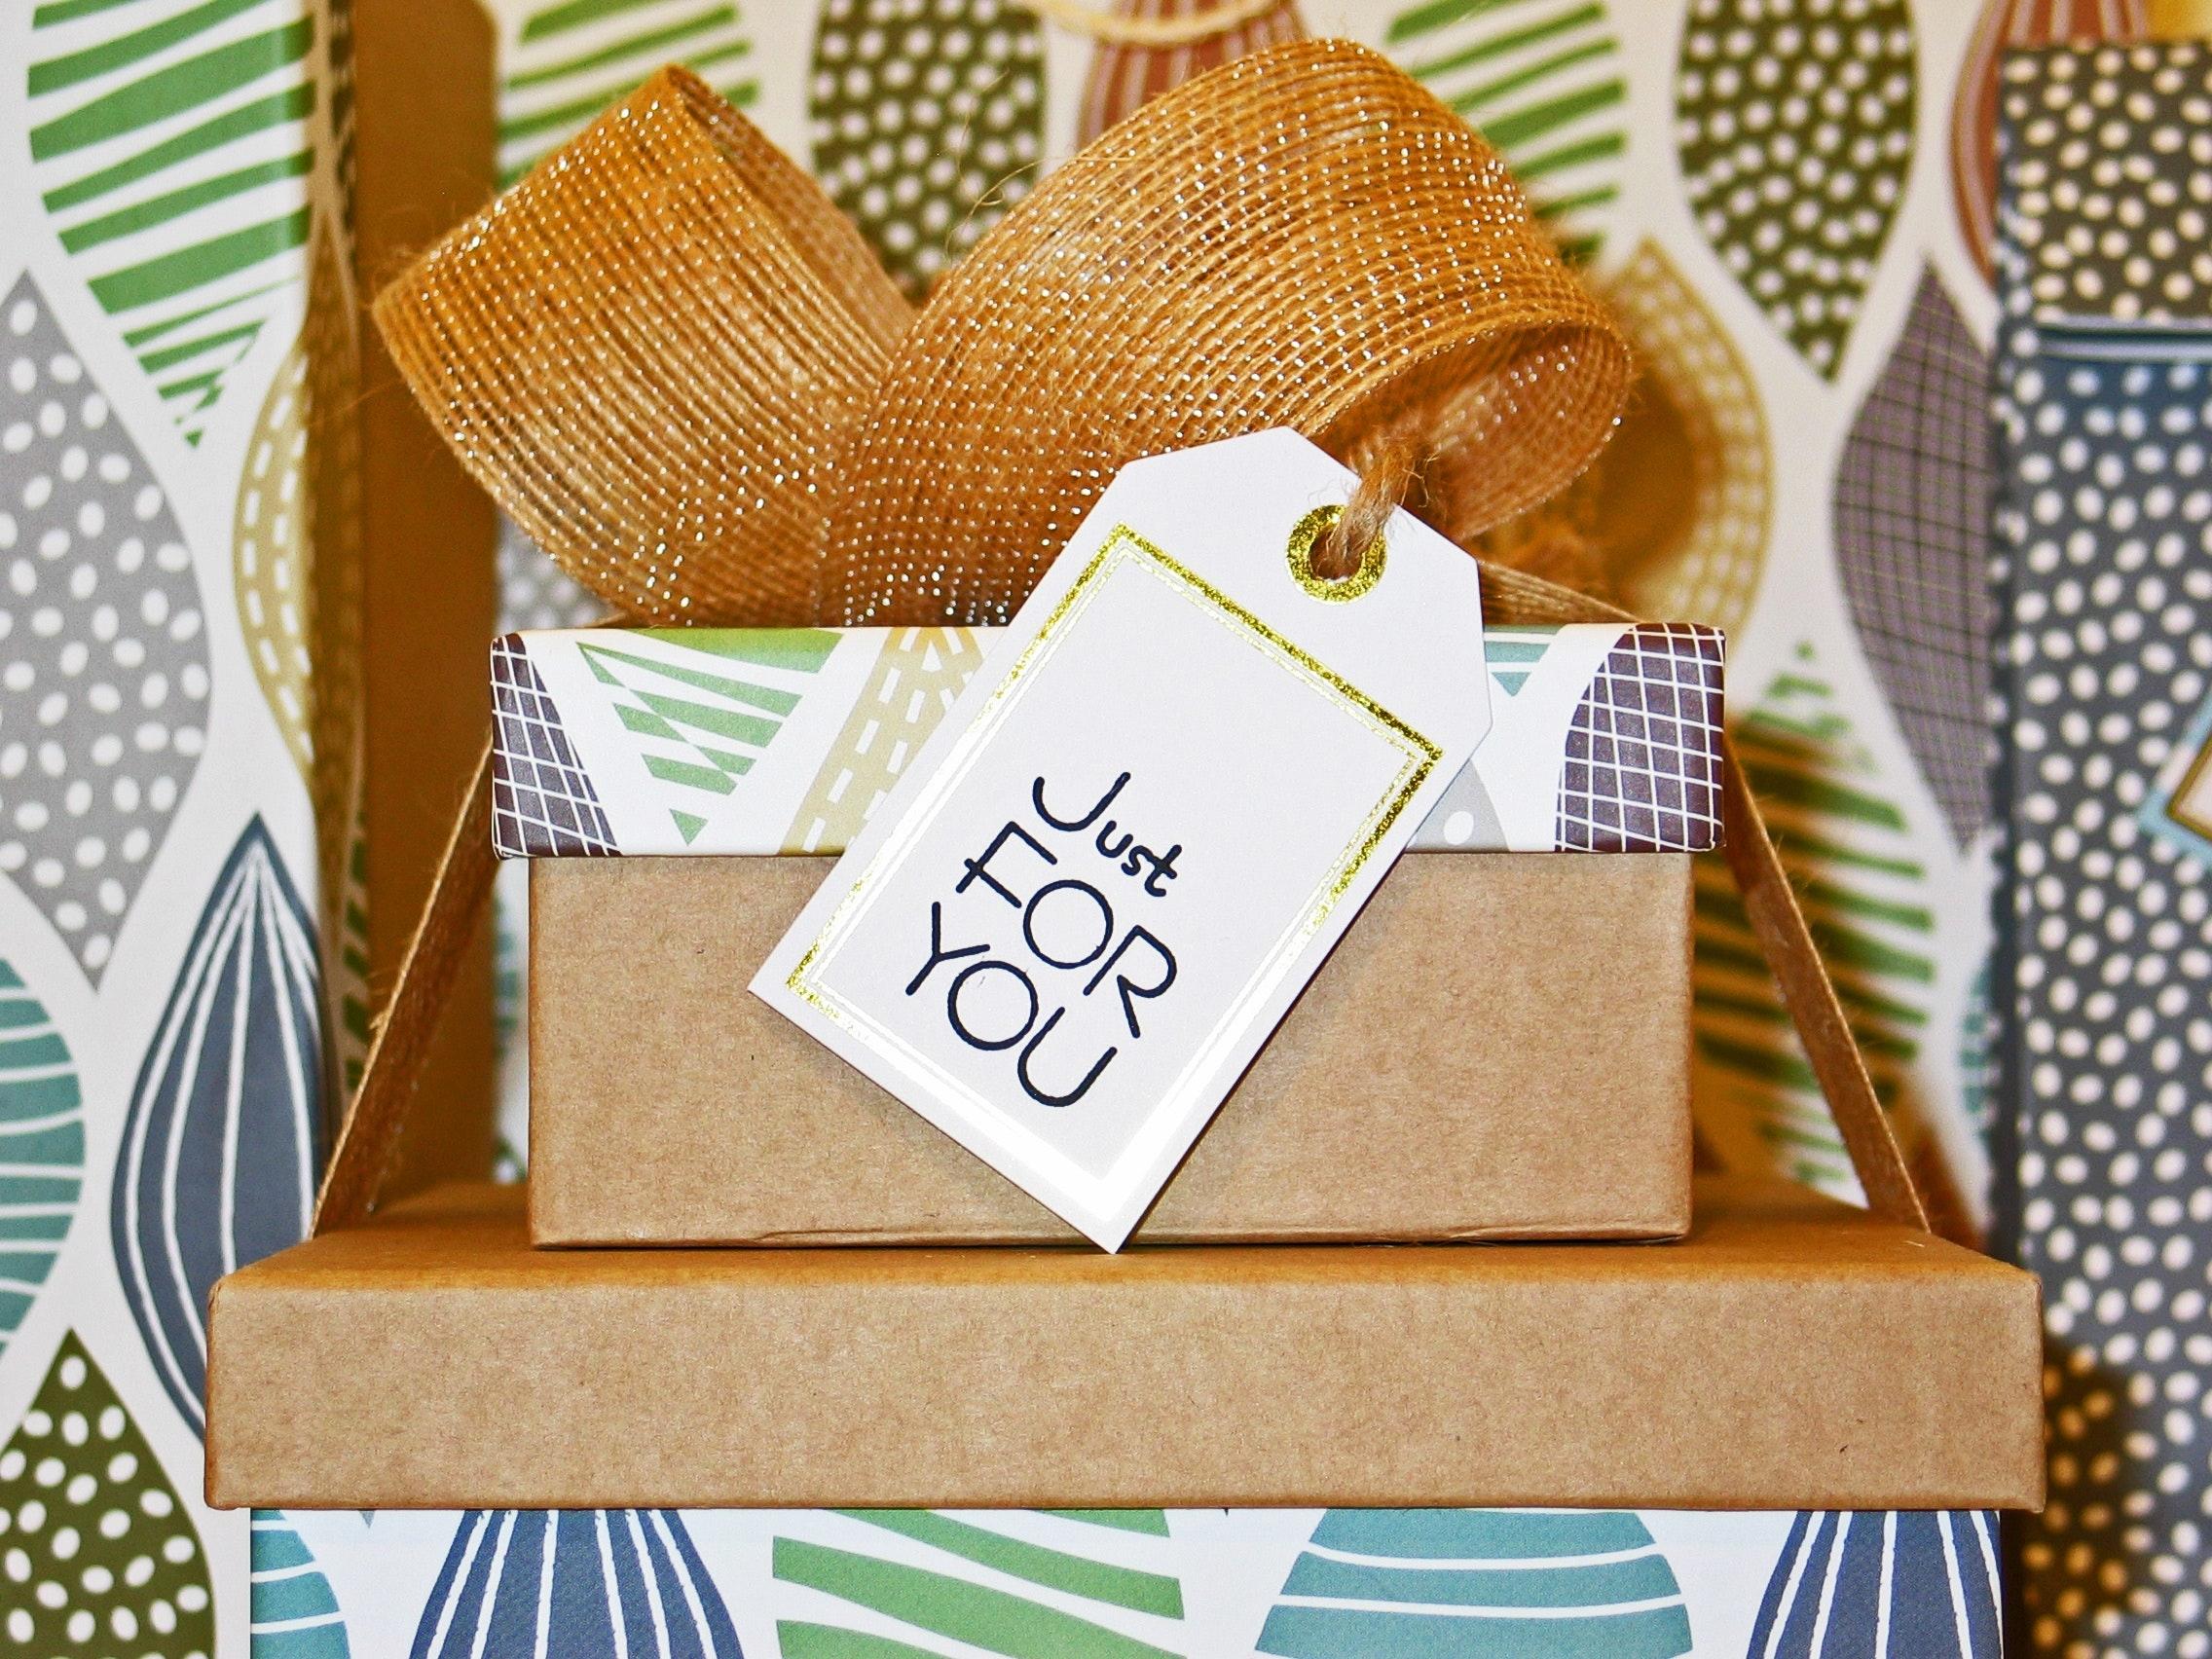 birthday-bow-box-264771